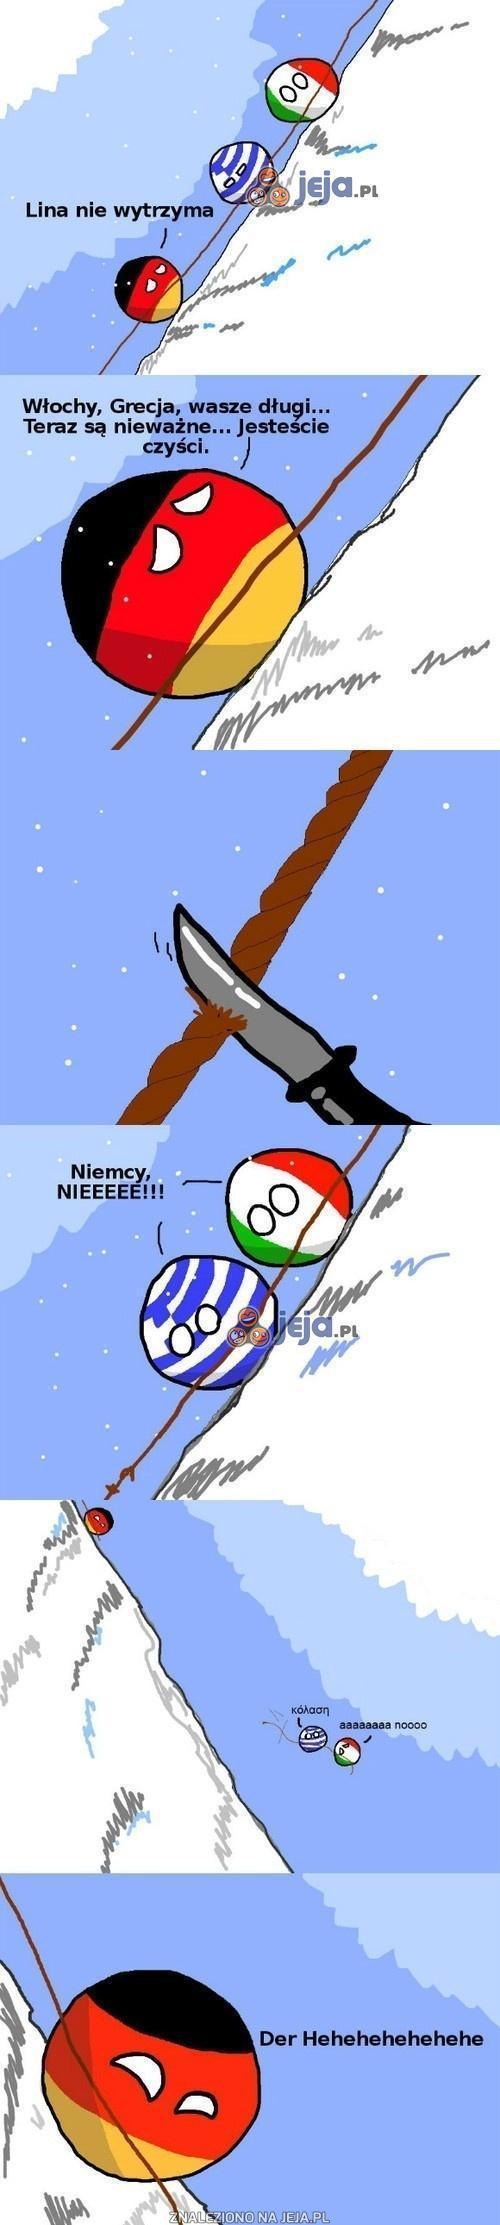 Niemiecka litość